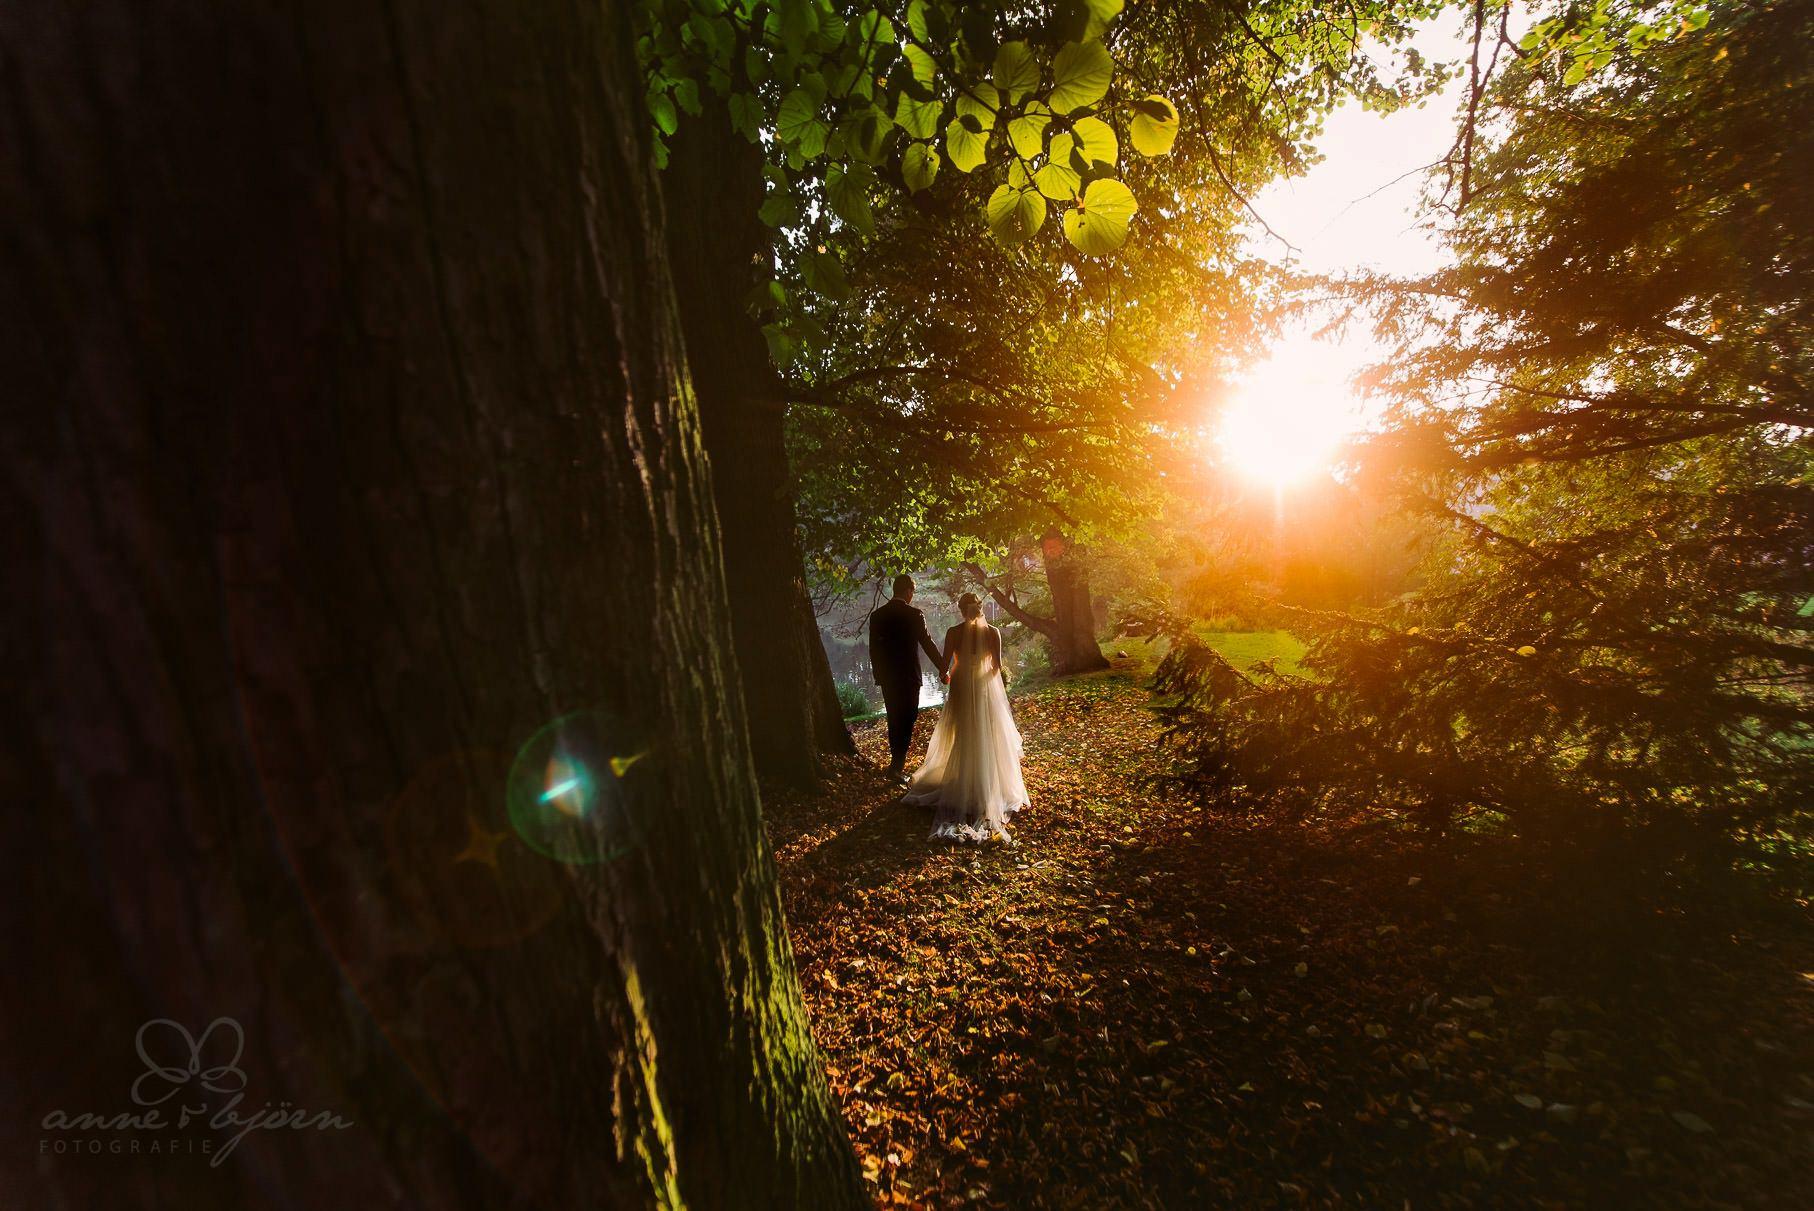 0044 euo 812 1195 bearbeitet - Hochzeit im Schloss Reinbek - Elvira & Olaf